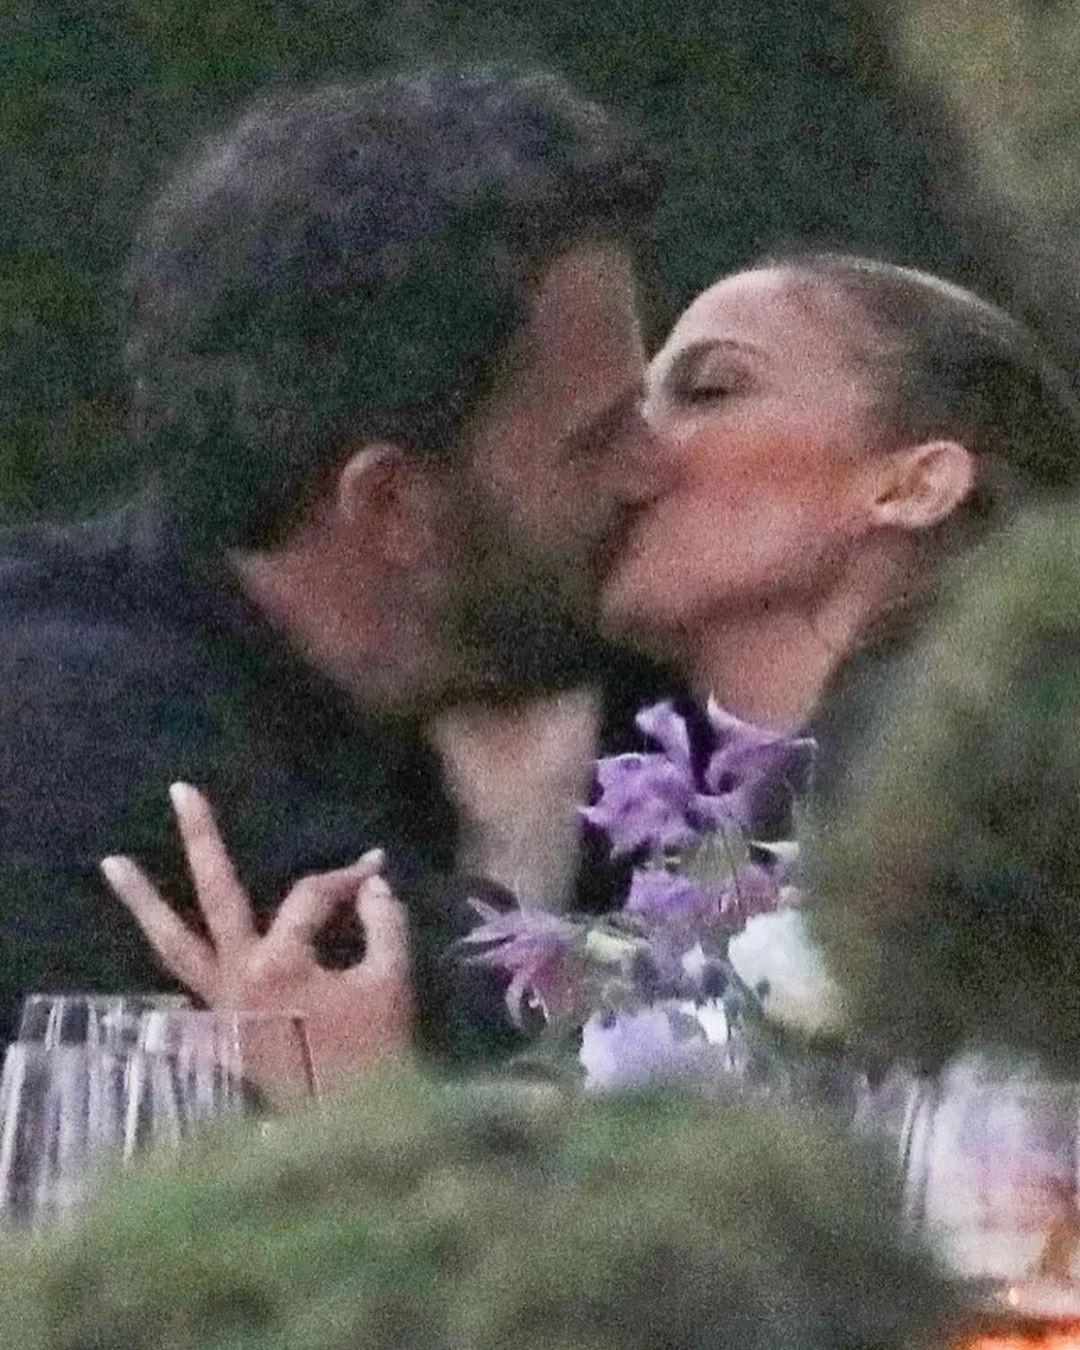 Kate Perry publicou foto do casal 'Bennifer' aos beijos  (Foto: Reprodução/Instagram)